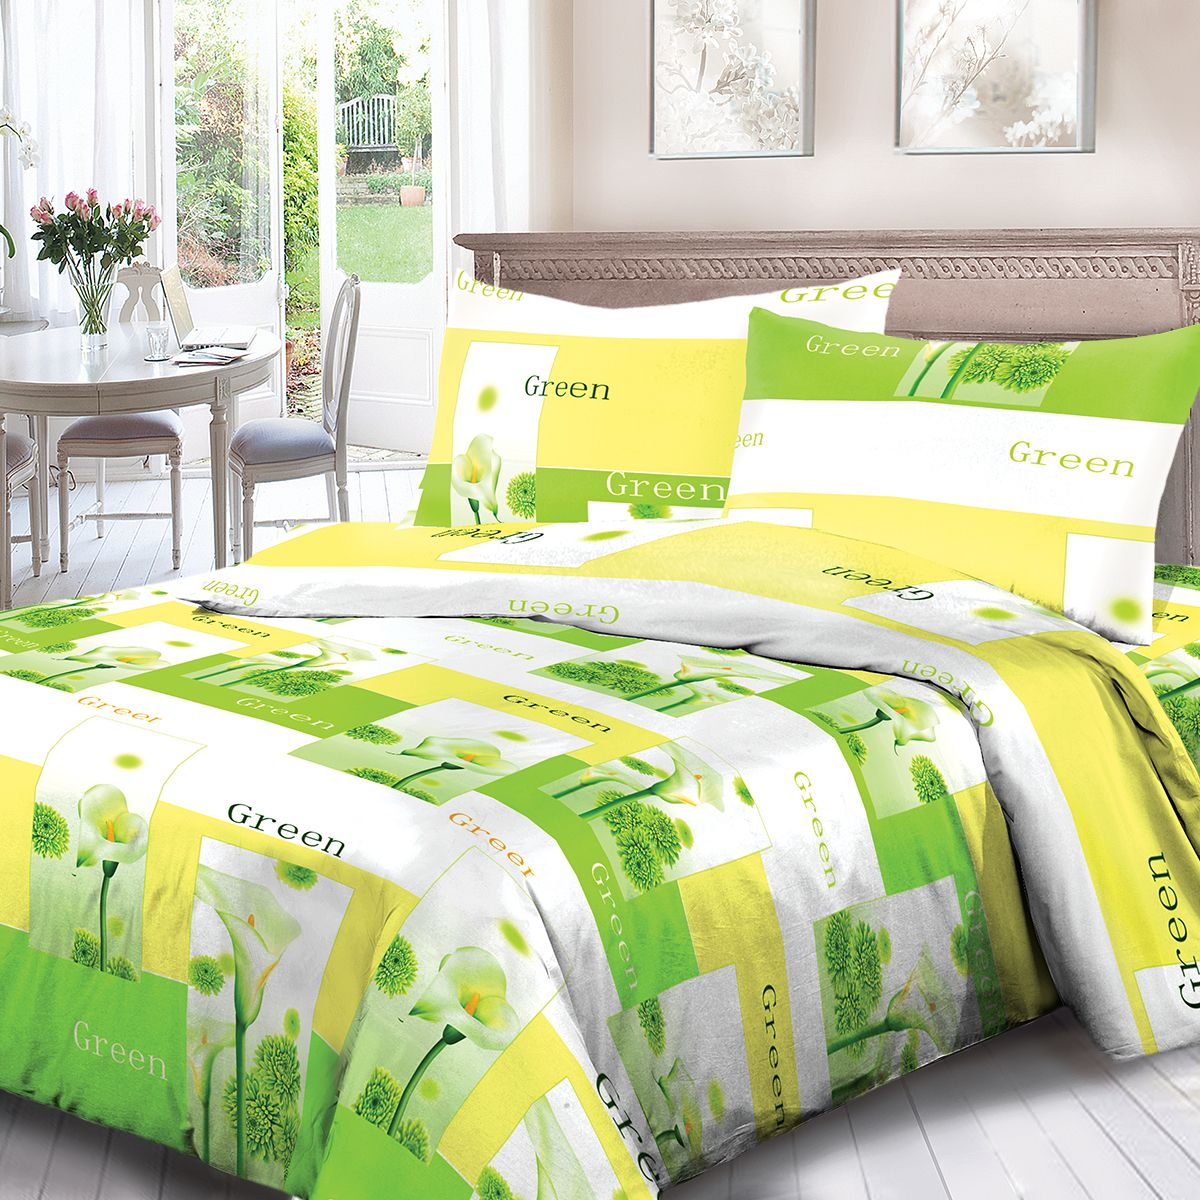 Комплект белья Для Снов Green, 2-спальный, наволочки 70x70, цвет: зеленый. 1537-184344Постельное белье Для Снов, выполненное из высококачественного поплина (ткань Традиция), в составе которого находится только 100% мерсеризованный хлопок - это идеальный выбор современной женщины. Преимущества:- Ткань прочнее обычной, при этом мягкая и шелковистая;- Цвета яркие и устойчивые;- Высокая гигроскопичность;- Меньше мнется, не линяет и не садится при многократных стирках;При производстве используются только безопасные красители ведущего швейцарского производителя BEZEMA.Восхитительная упаковка придает комплекту подарочный вид. В комплекте: пододеяльник (175 х 215 см), 2 наволочки (70х70 см), простыня (220 х 215 см).